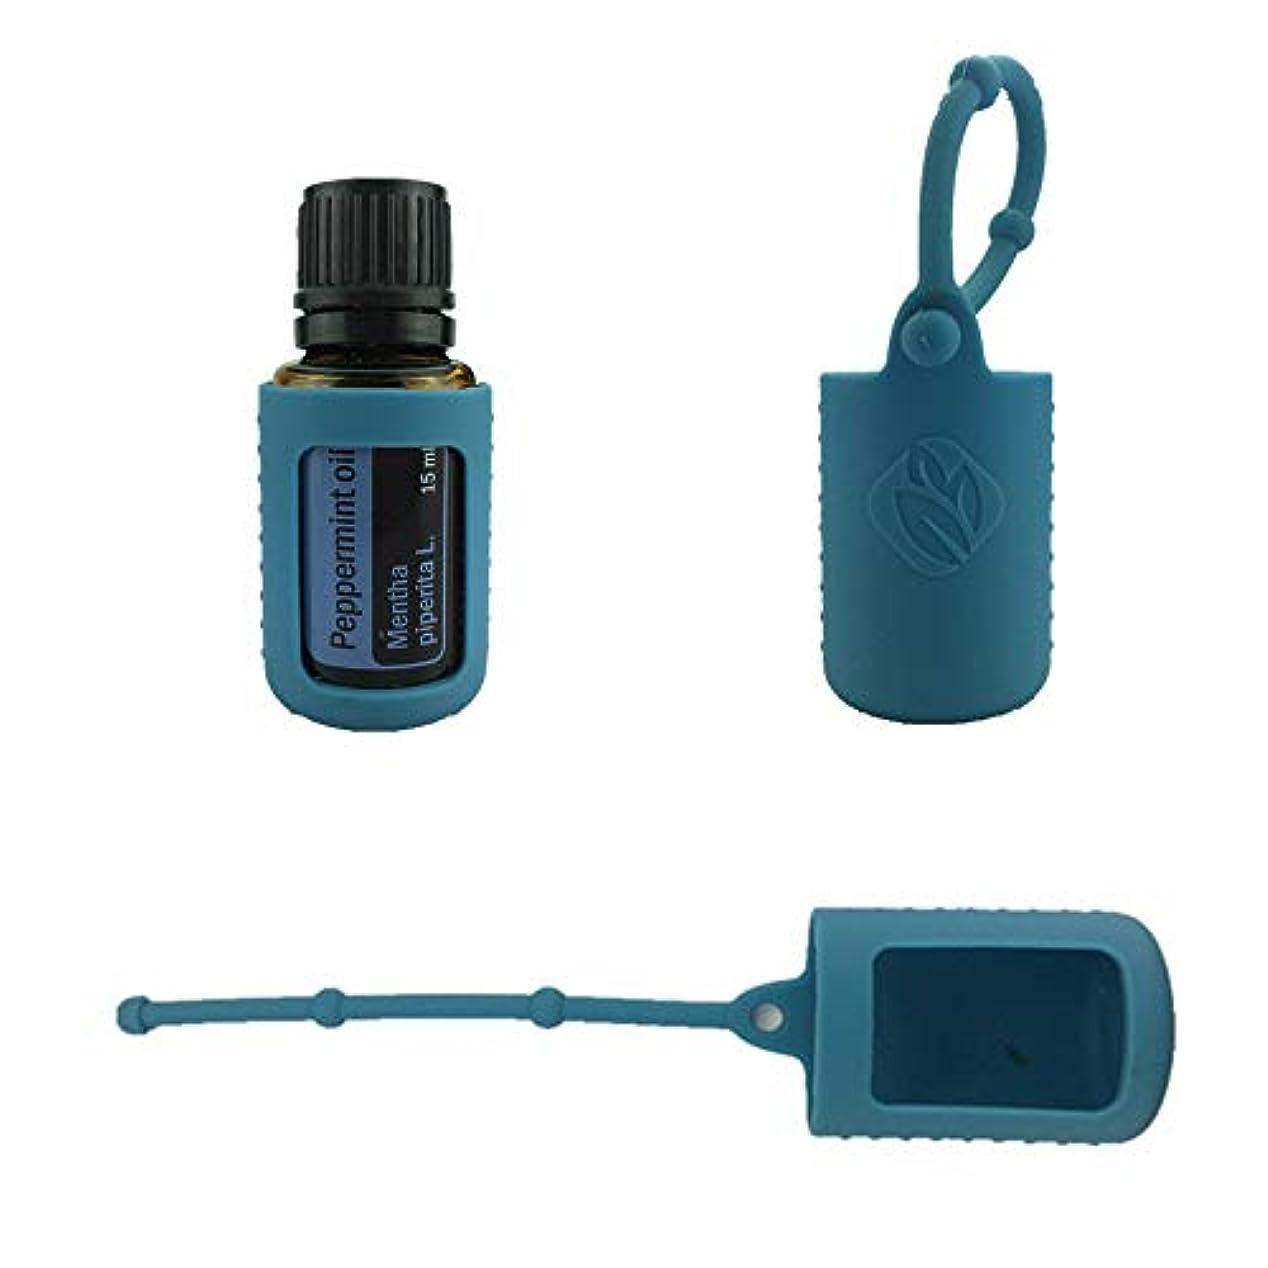 ファブリック絶滅させる獣6パック熱望オイルボトルシリコンローラーボトルホルダースリーブエッセンシャルオイルボトル保護カバーケースハングロープ - ダンク ブルー - 6-pcs 15ml